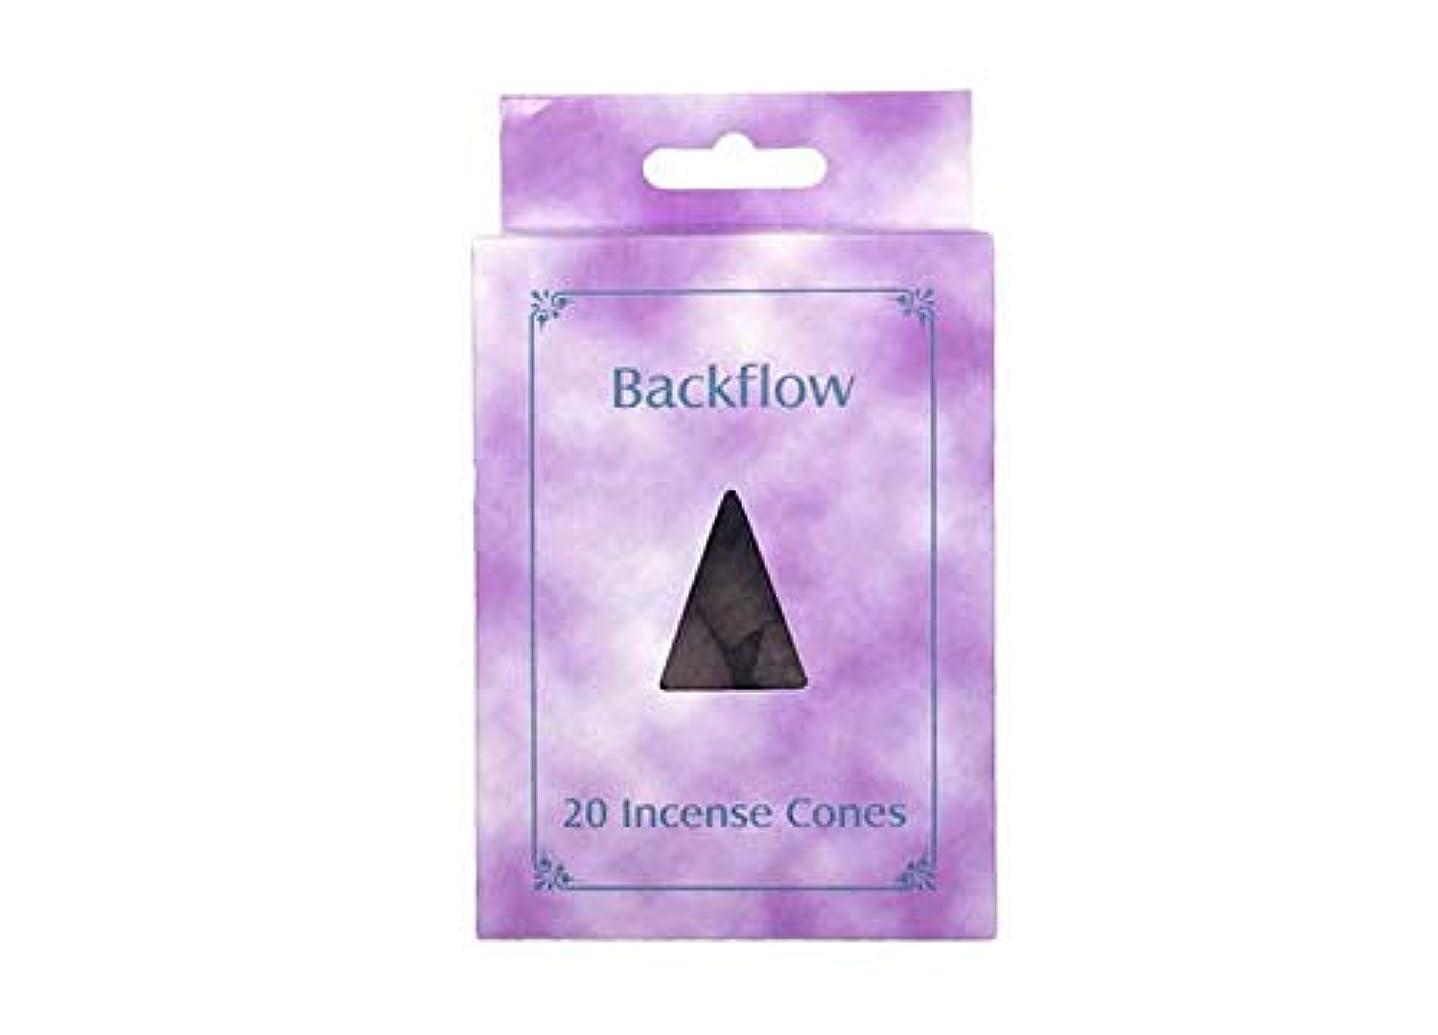 スリラーチェリー猫背お香 逆流コーン 逆流香 20p ローズ Backflow Incense Cones 20p Rose